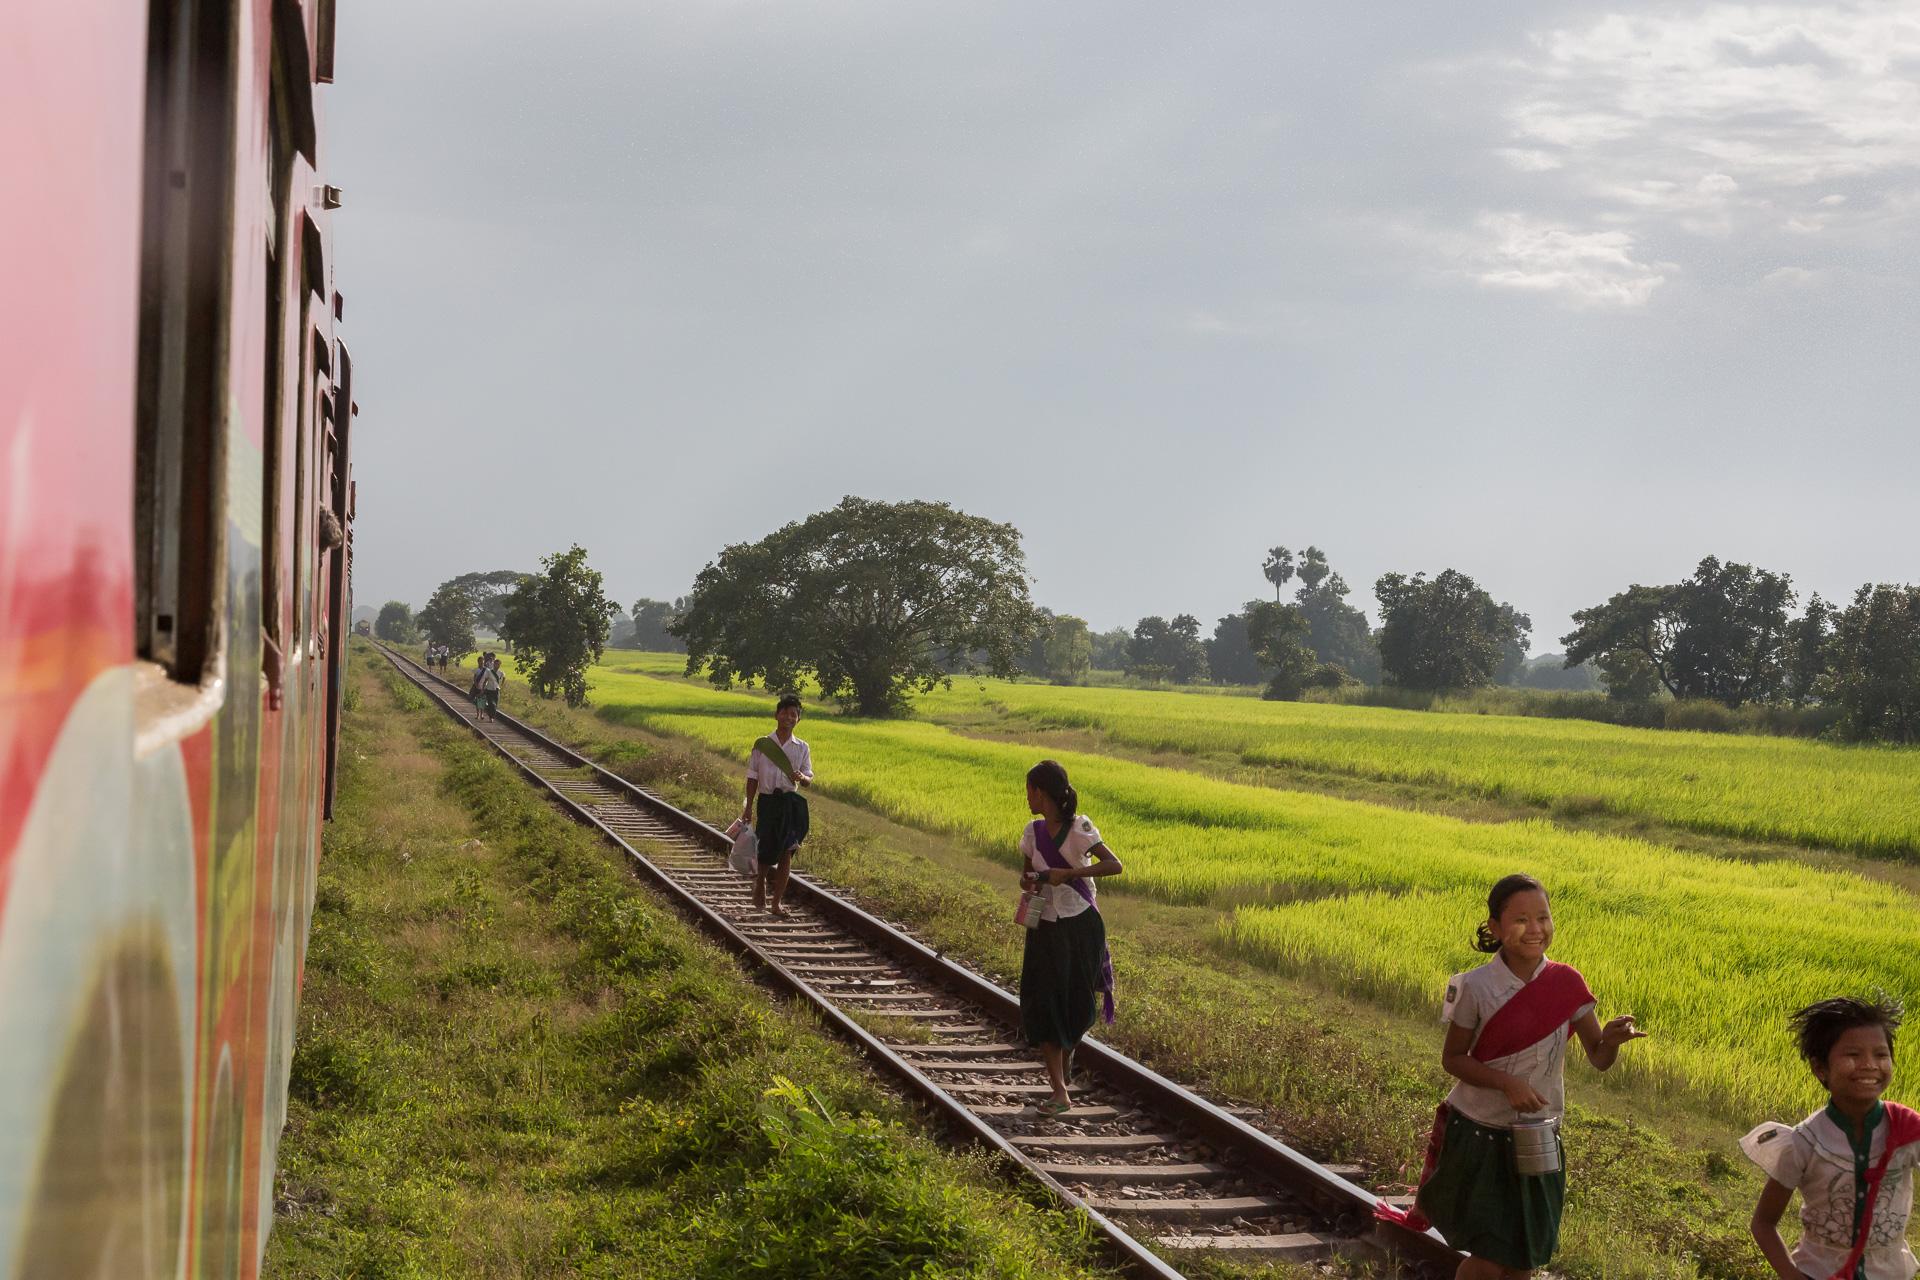 myanmar-reportage-wisckow-009.jpg